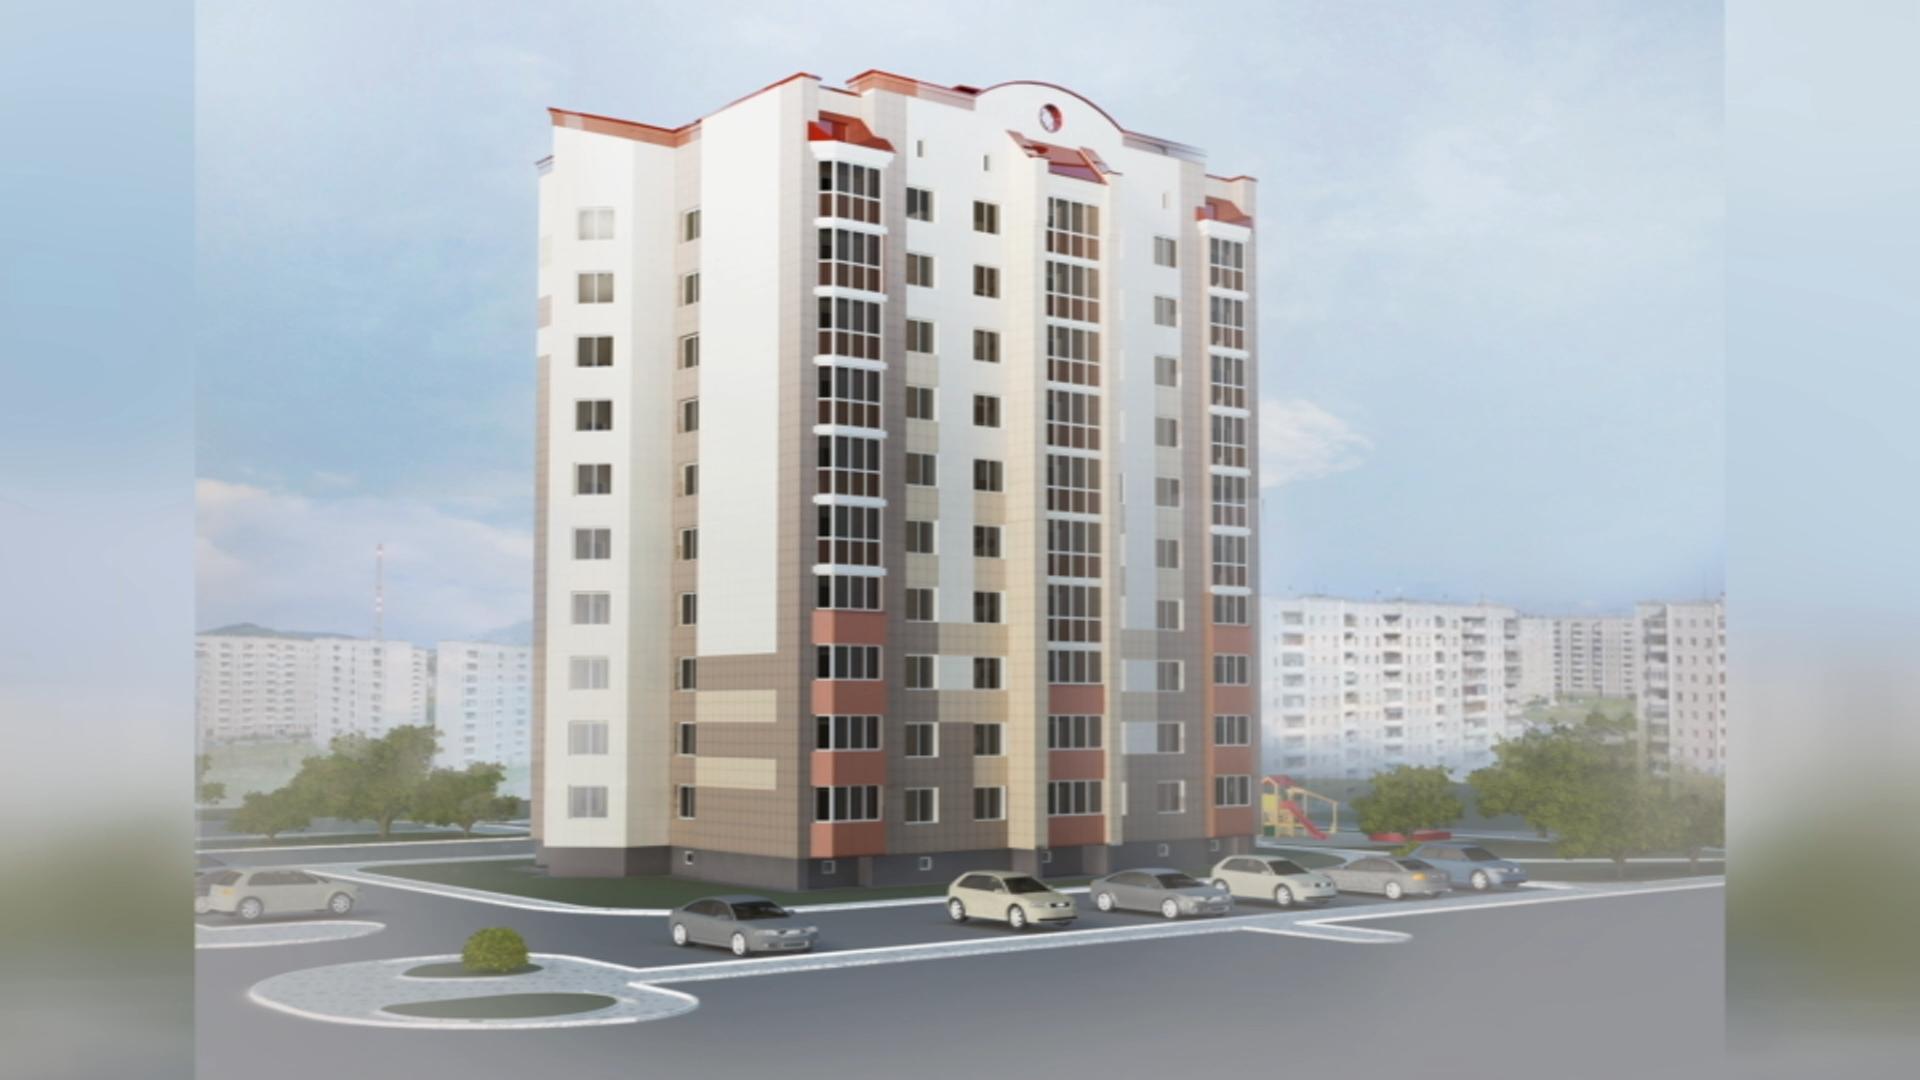 В Лиде на улице Гастелло появится новый жилой комплекс.